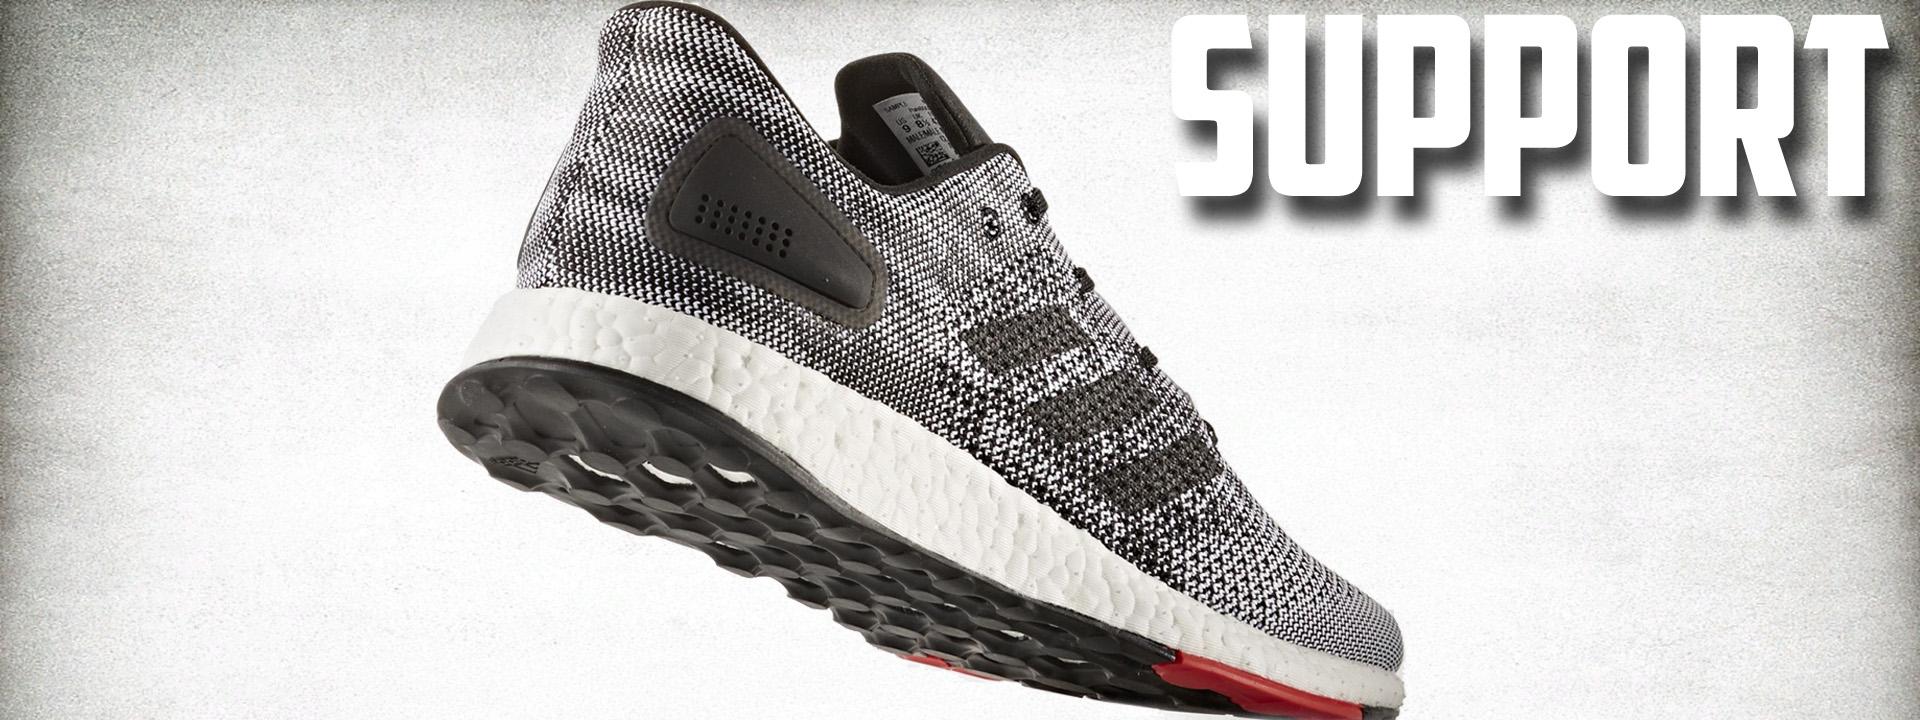 Adidas Ren Boost Dpr Gjennomgang 72wW0KRQam